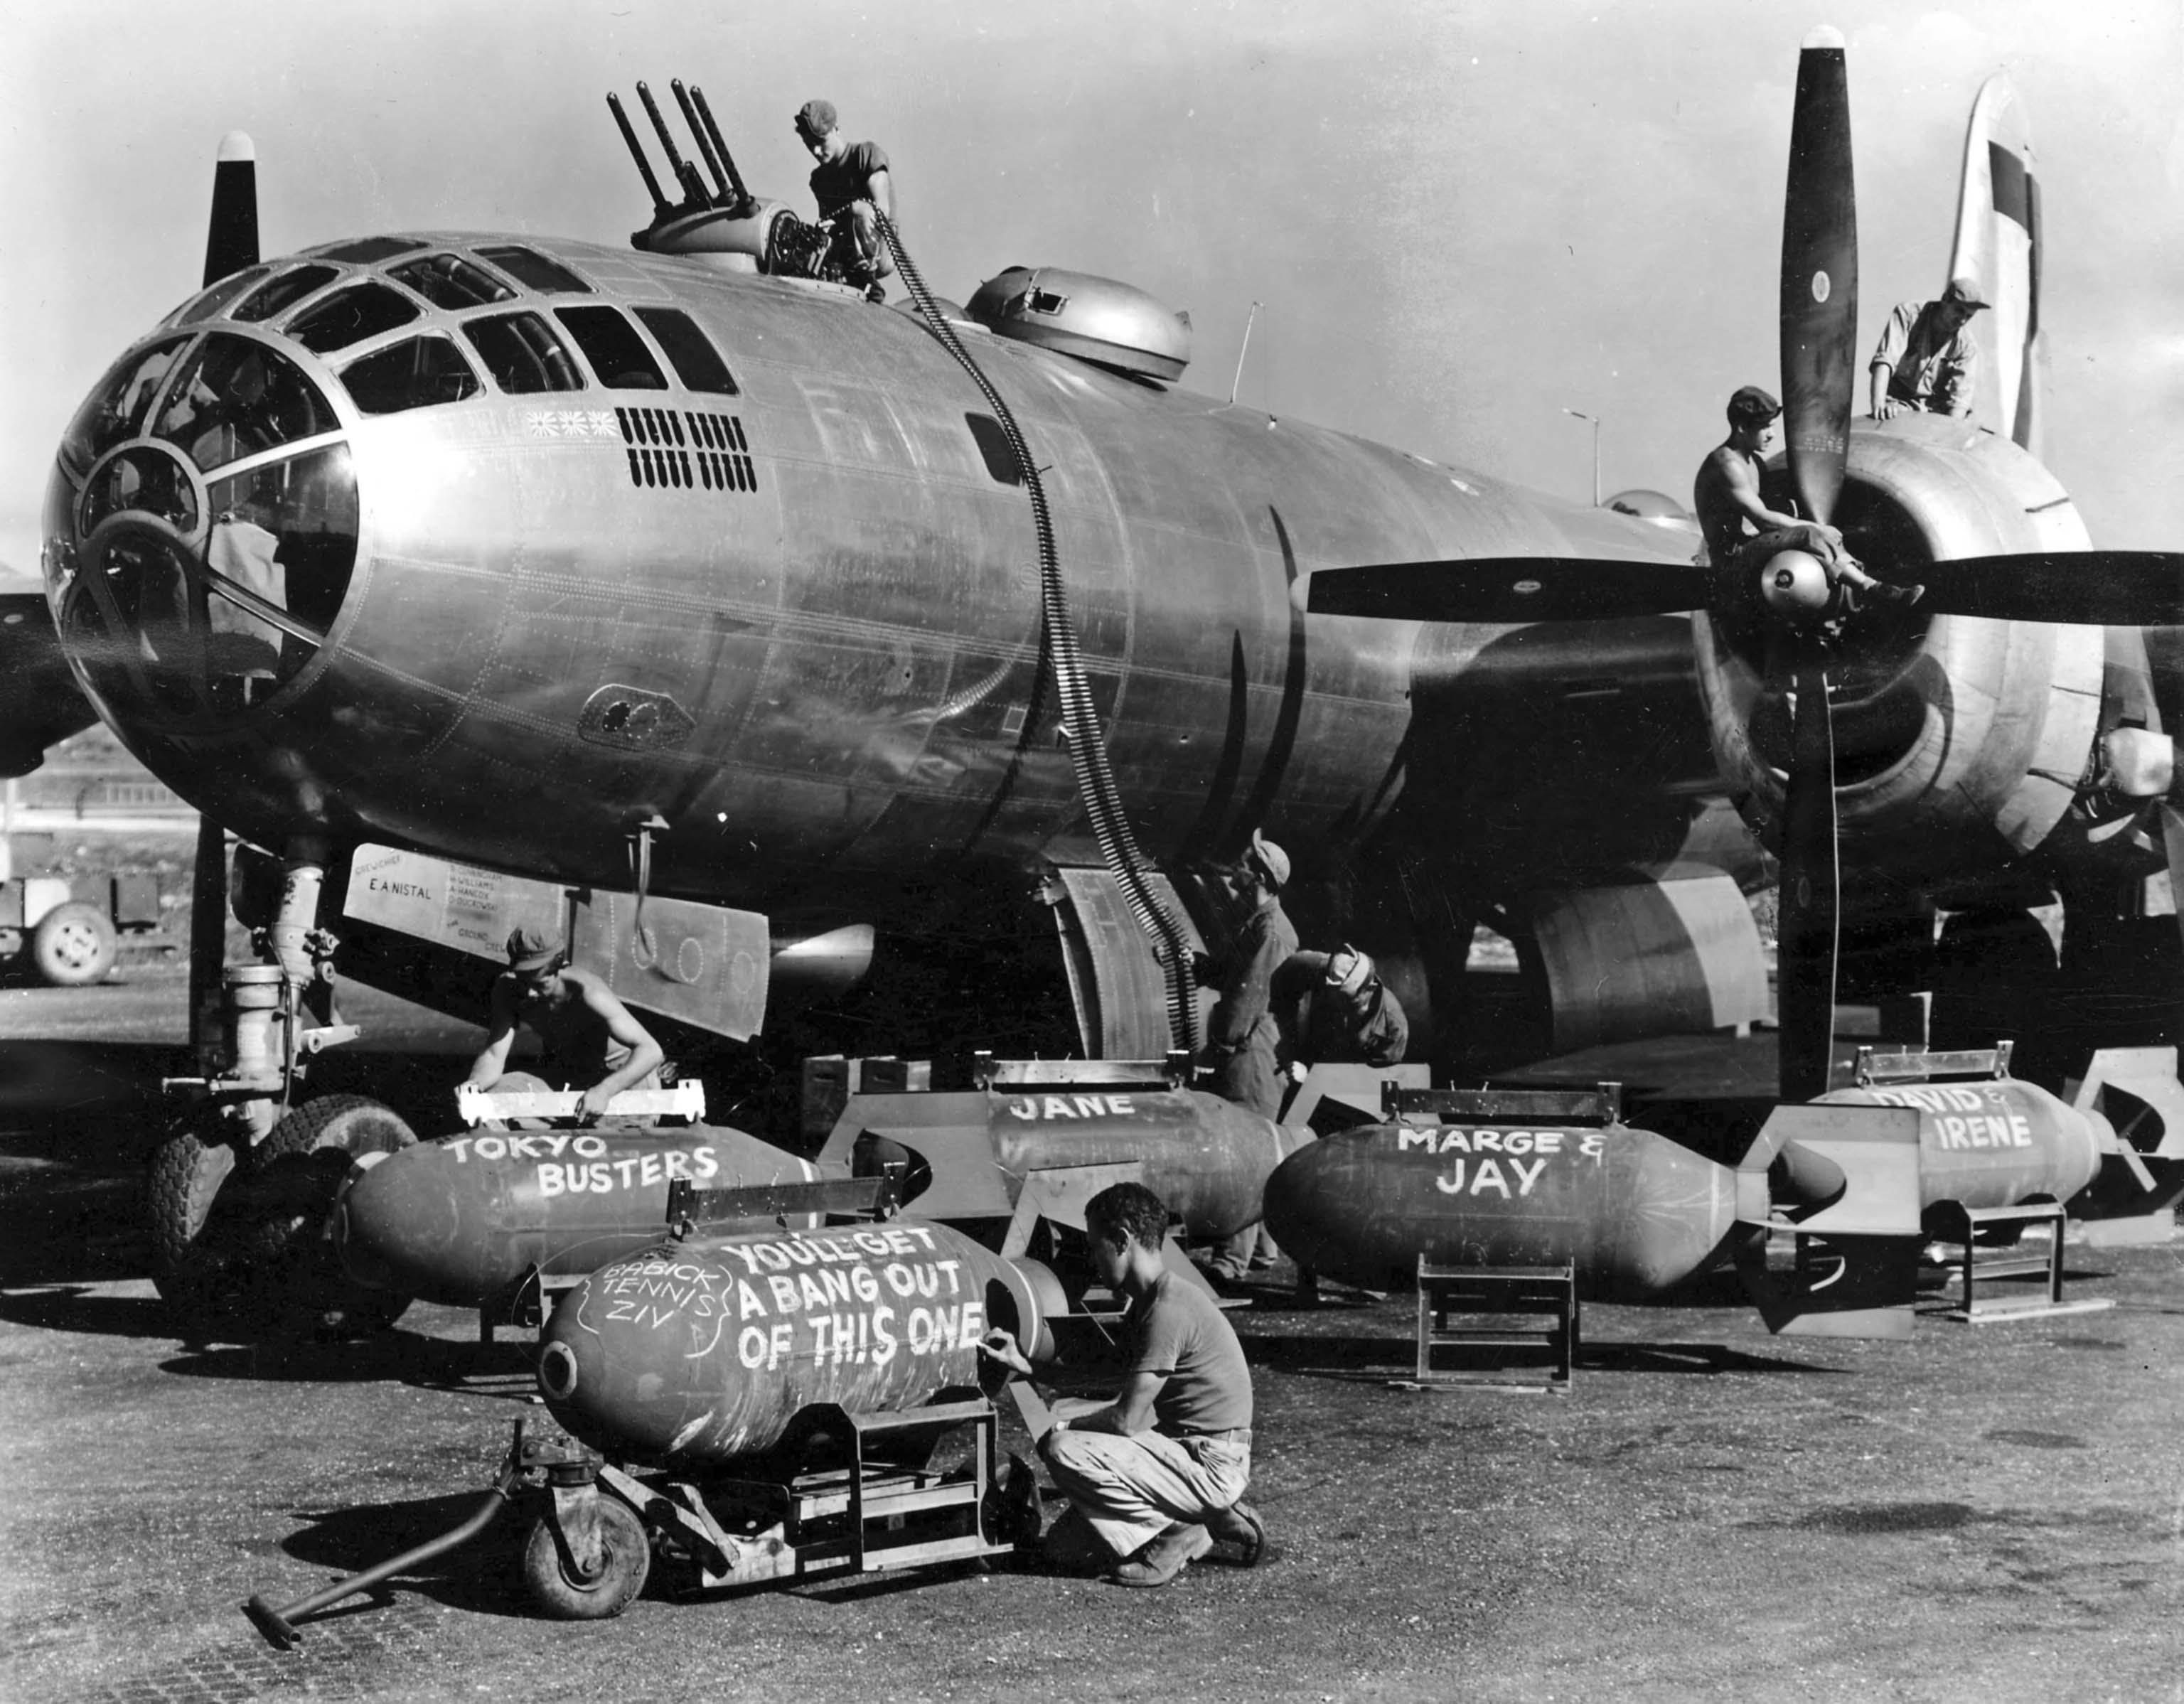 B-29 bomber